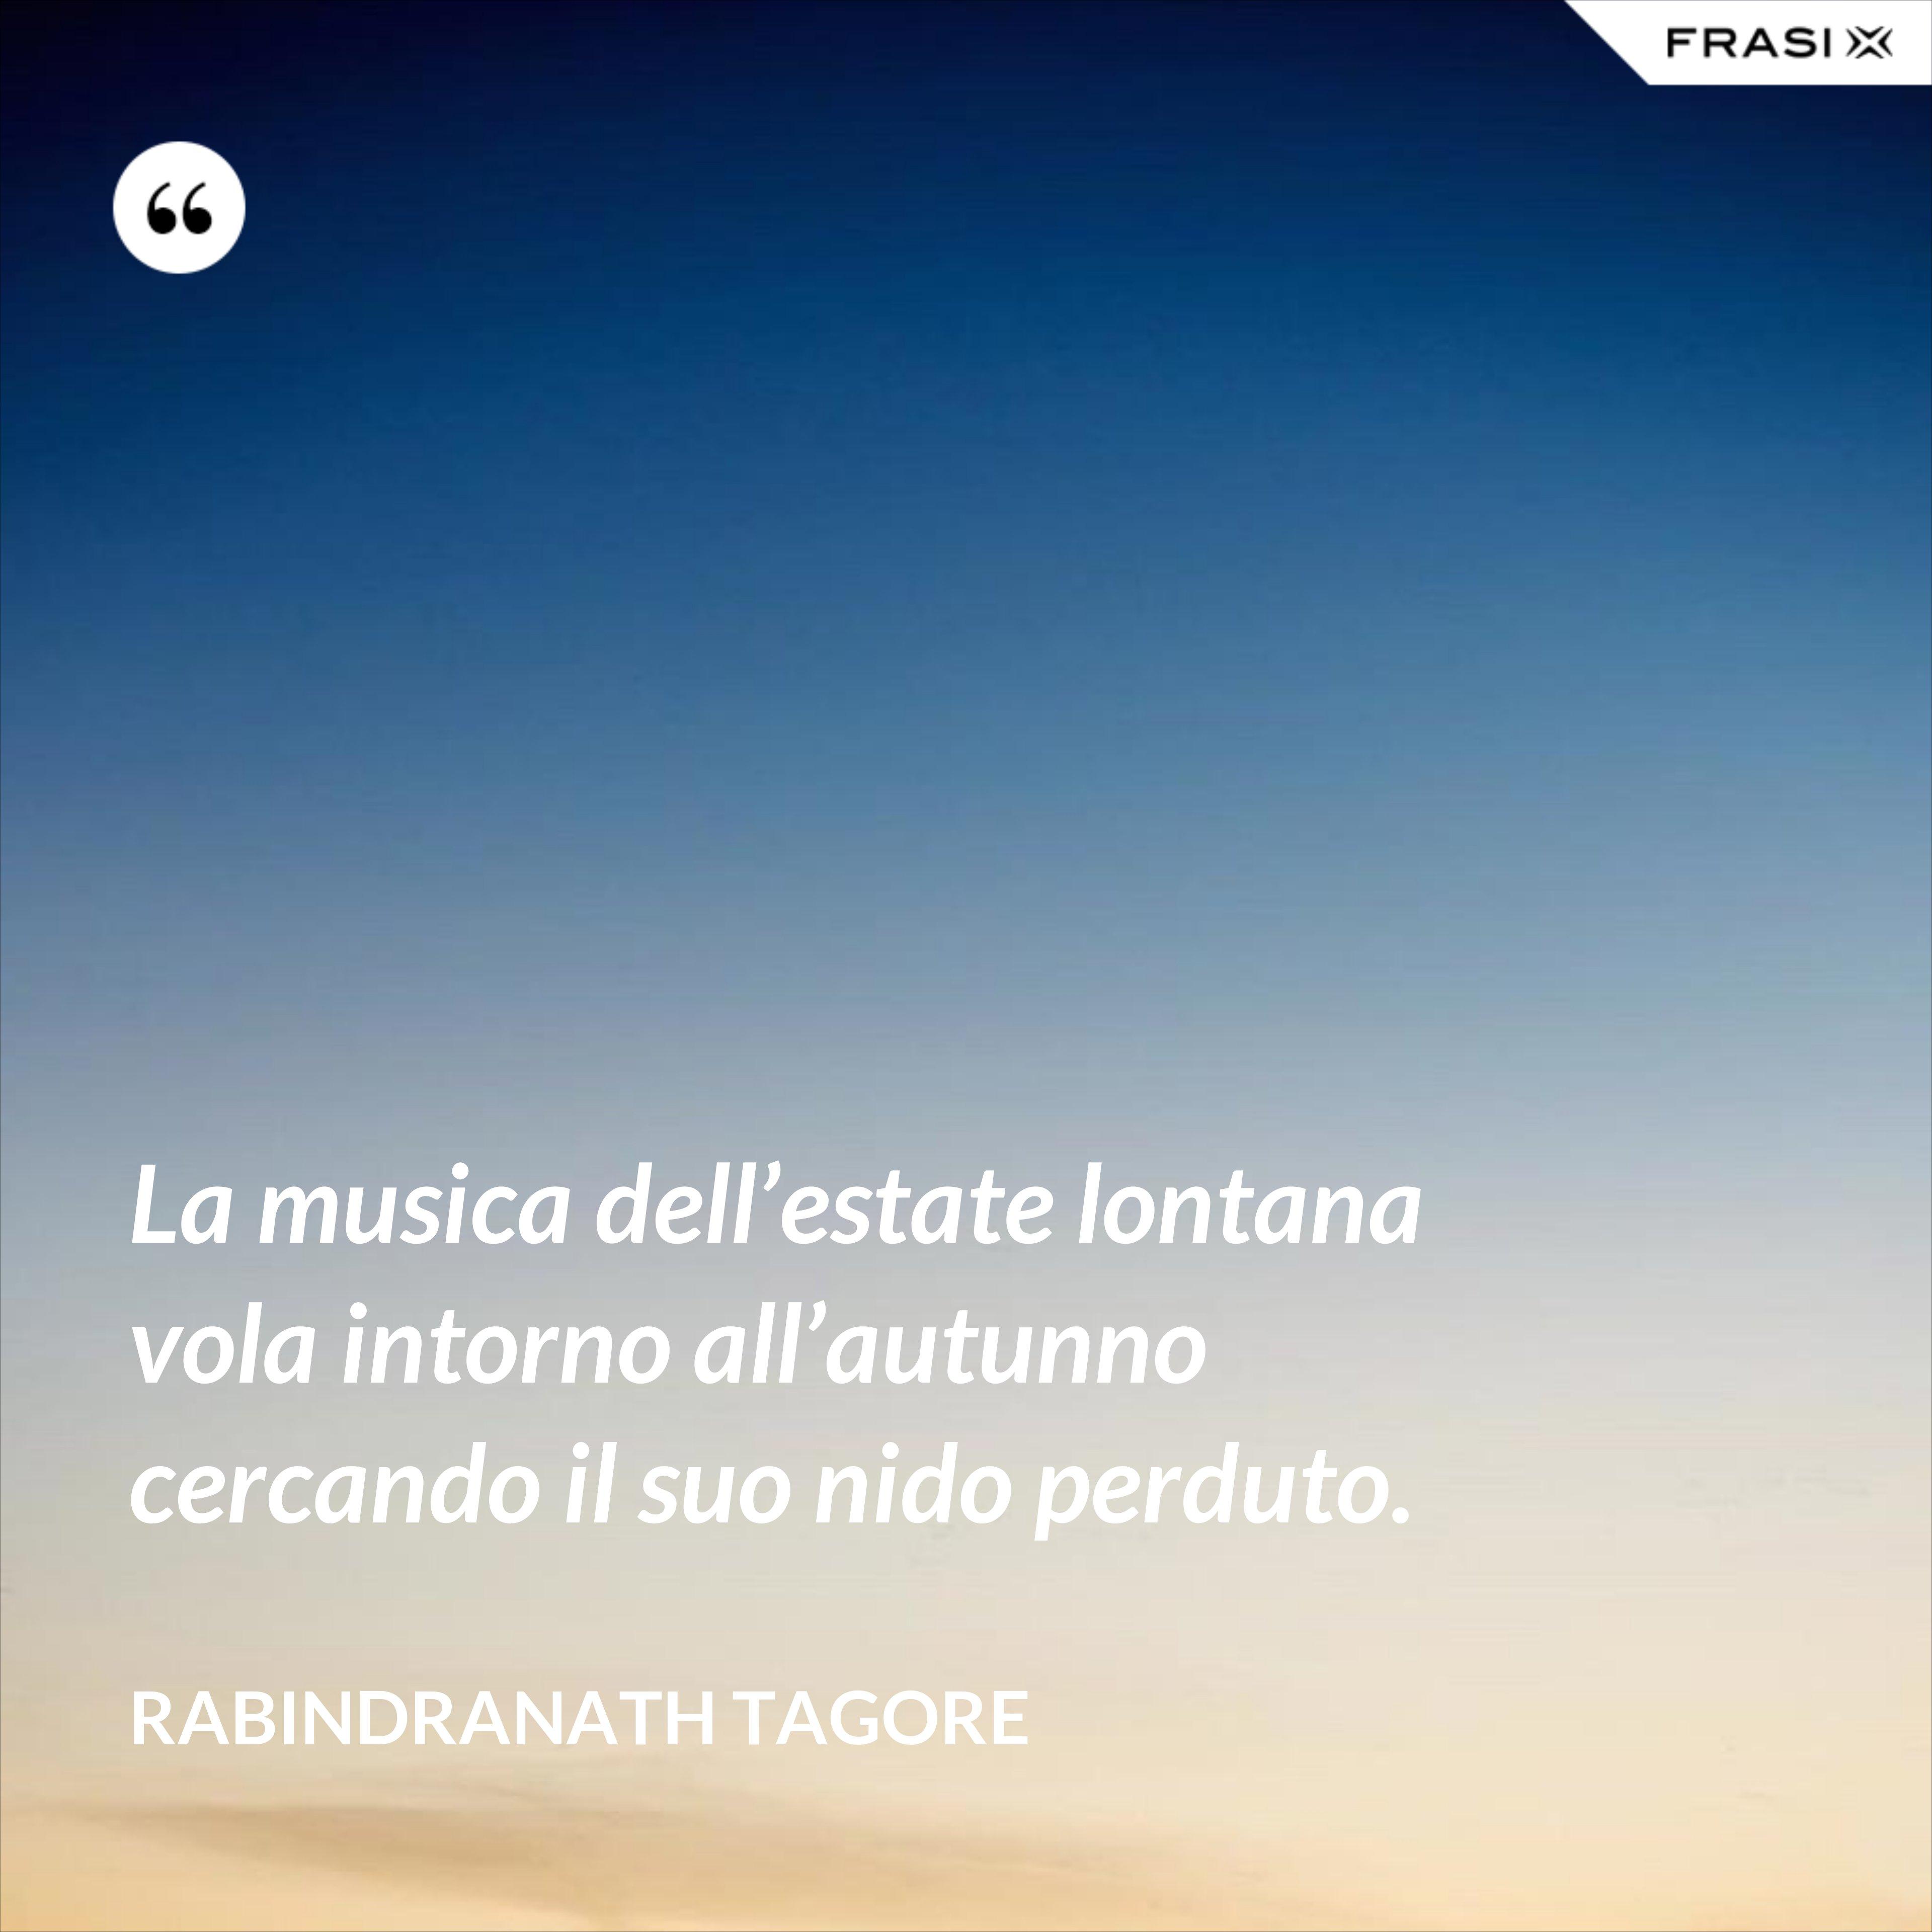 La musica dell'estate lontana vola intorno all'autunno cercando il suo nido perduto. - Rabindranath Tagore